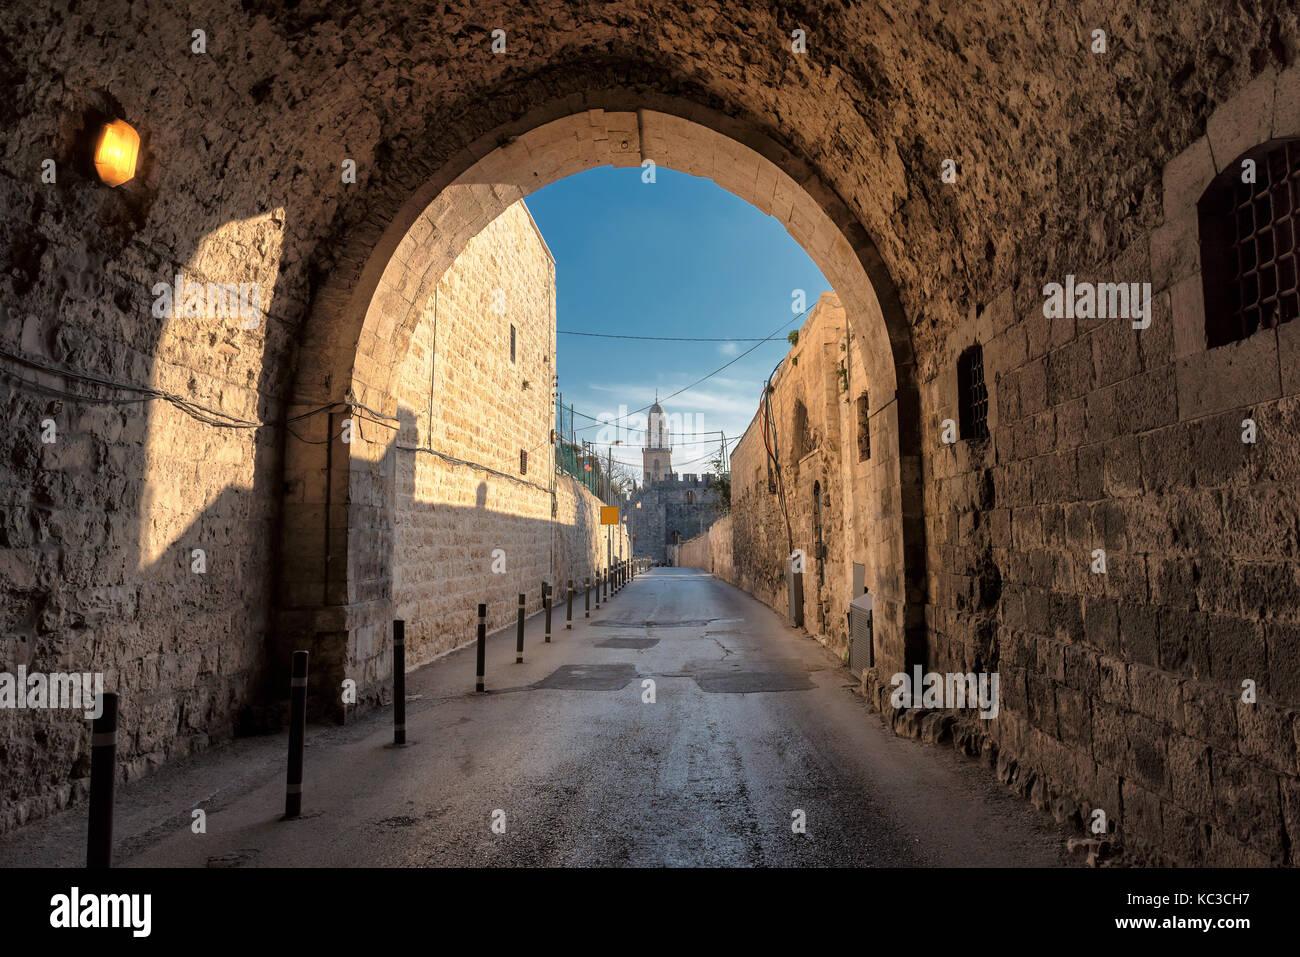 Straße in der Altstadt von Jerusalem, Israel. Stockbild